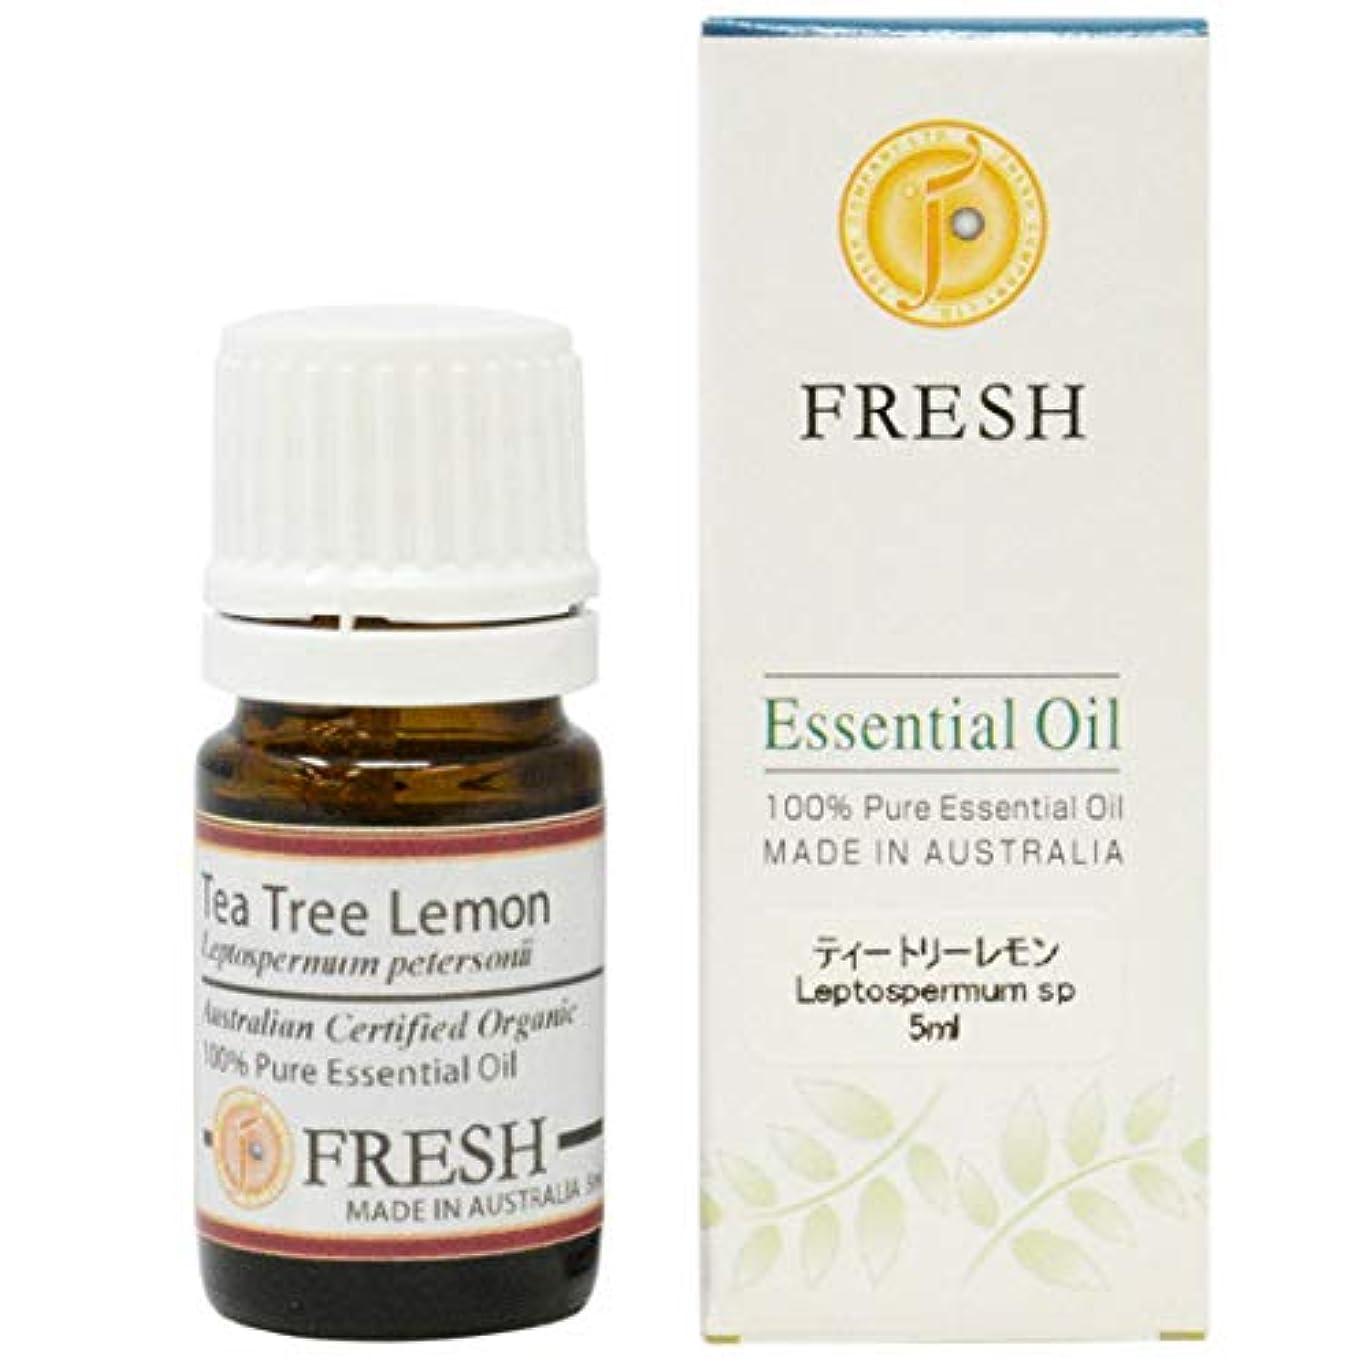 やろうもっともらしい伝説FRESH オーガニック エッセンシャルオイル ティートリーレモン 5ml (FRESH 精油)